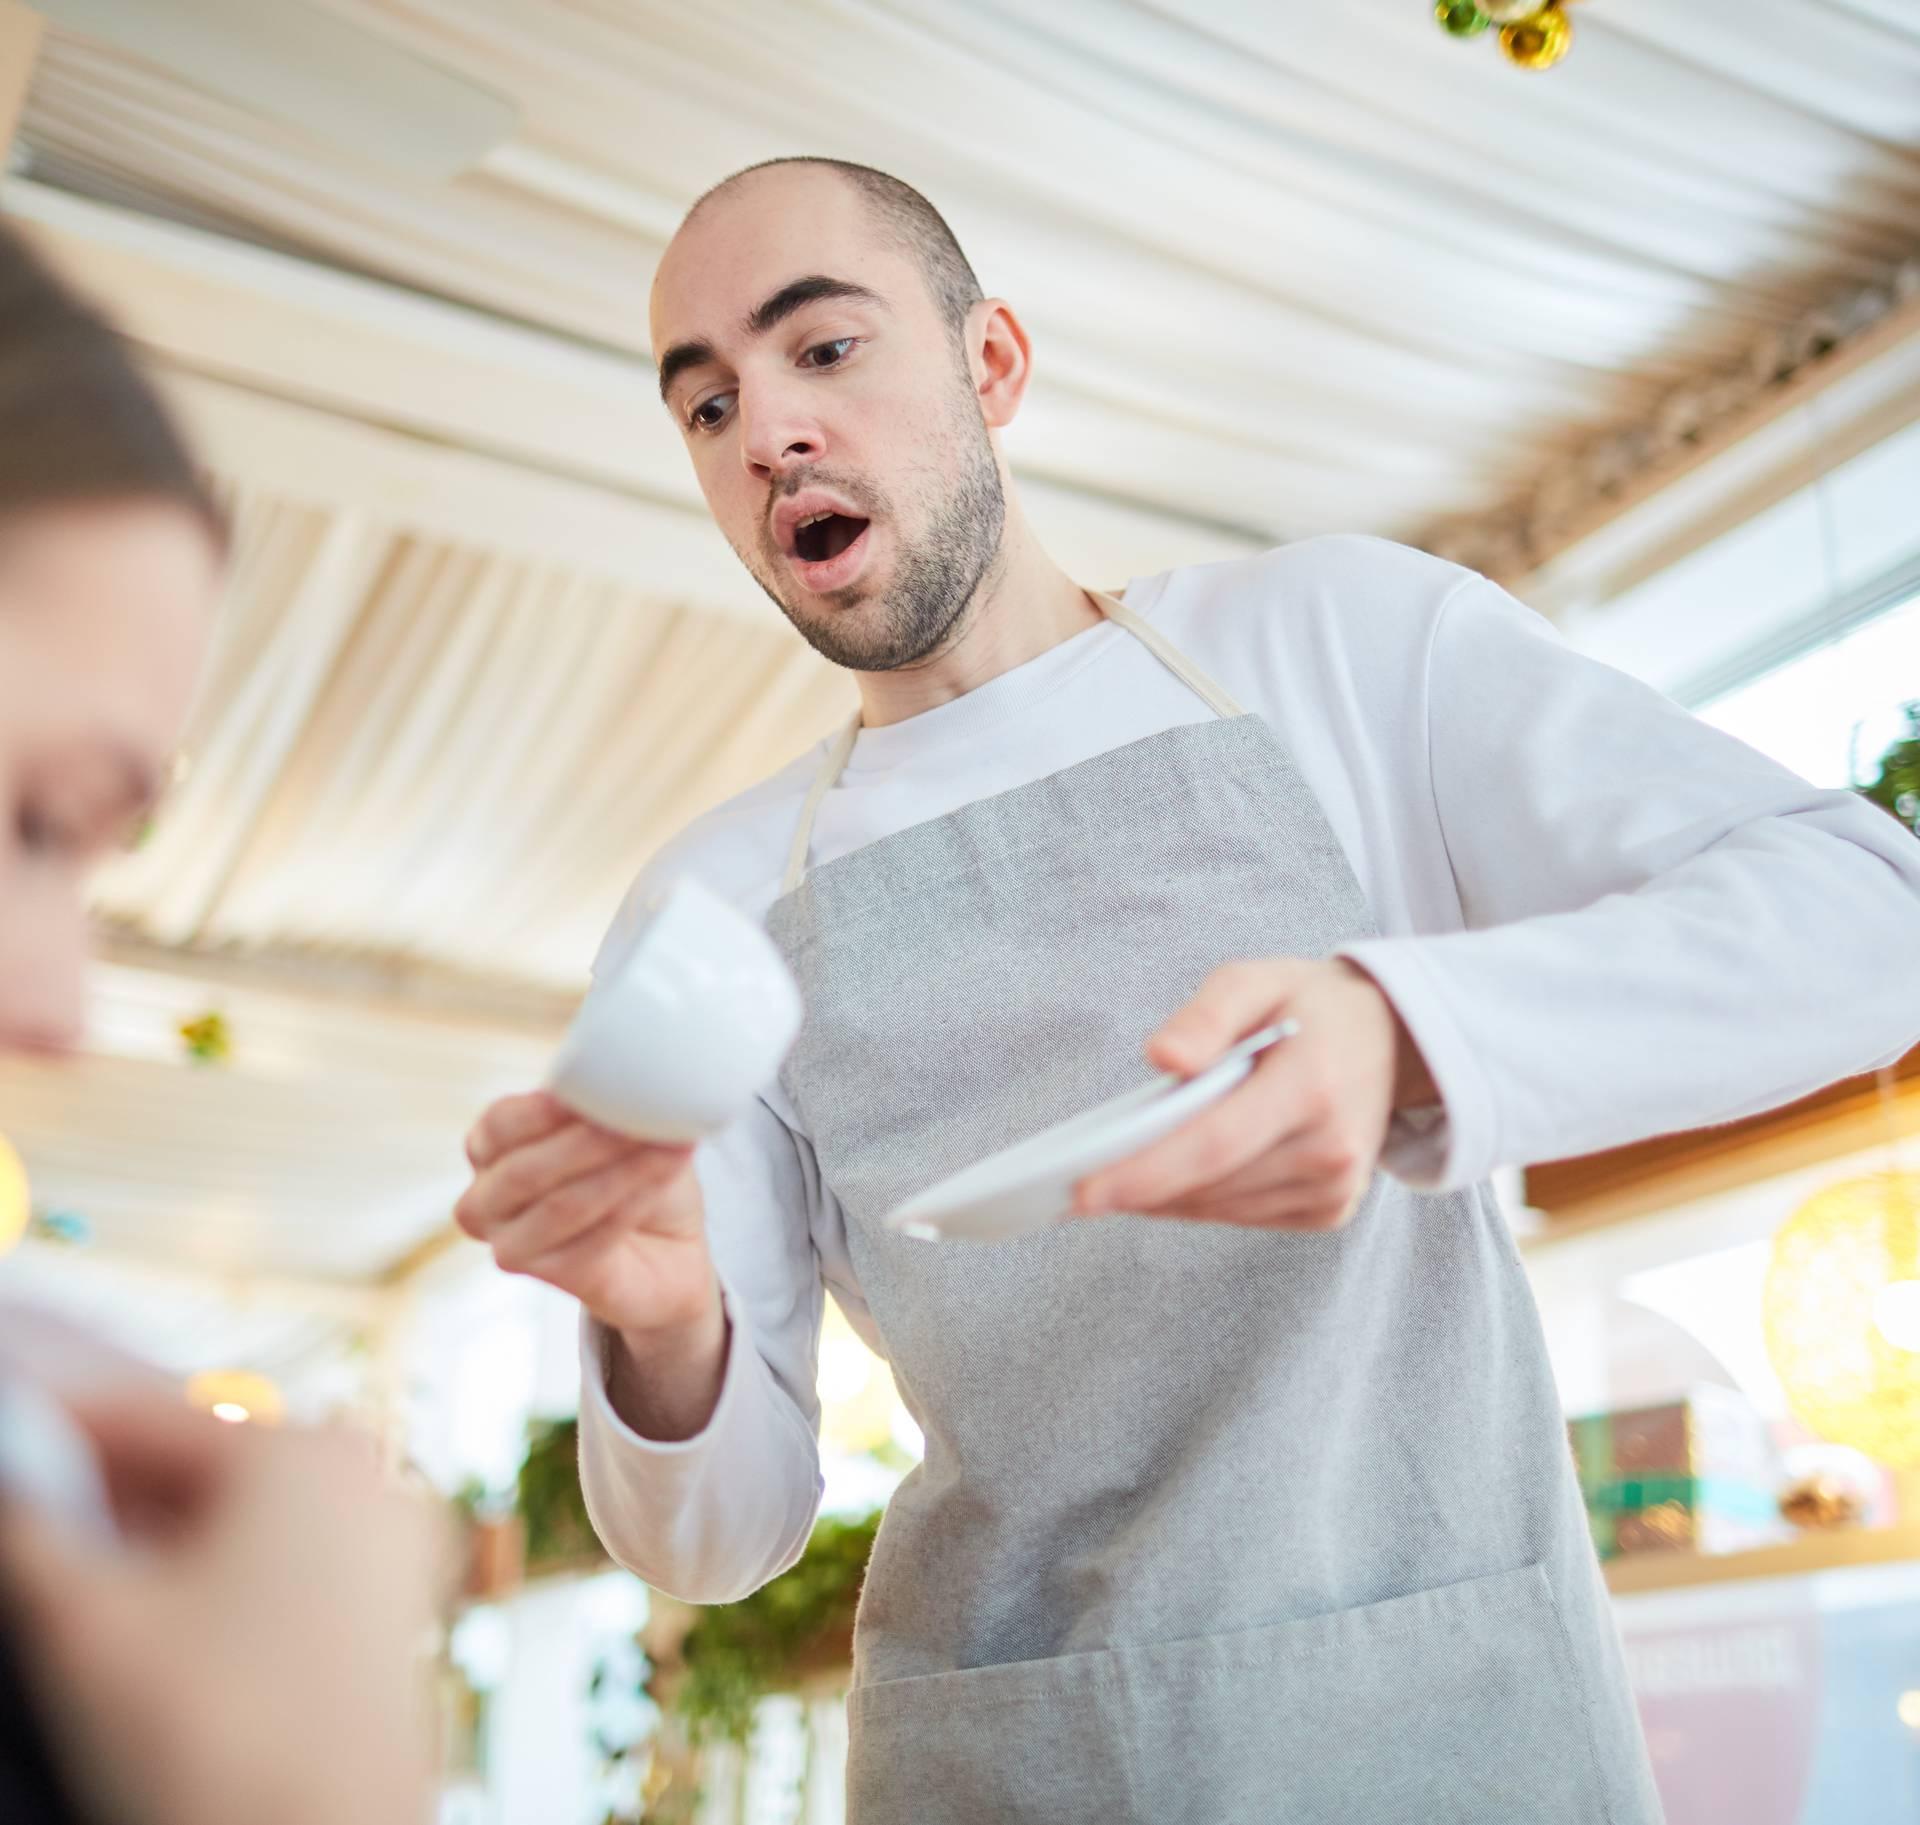 Awkward waiter